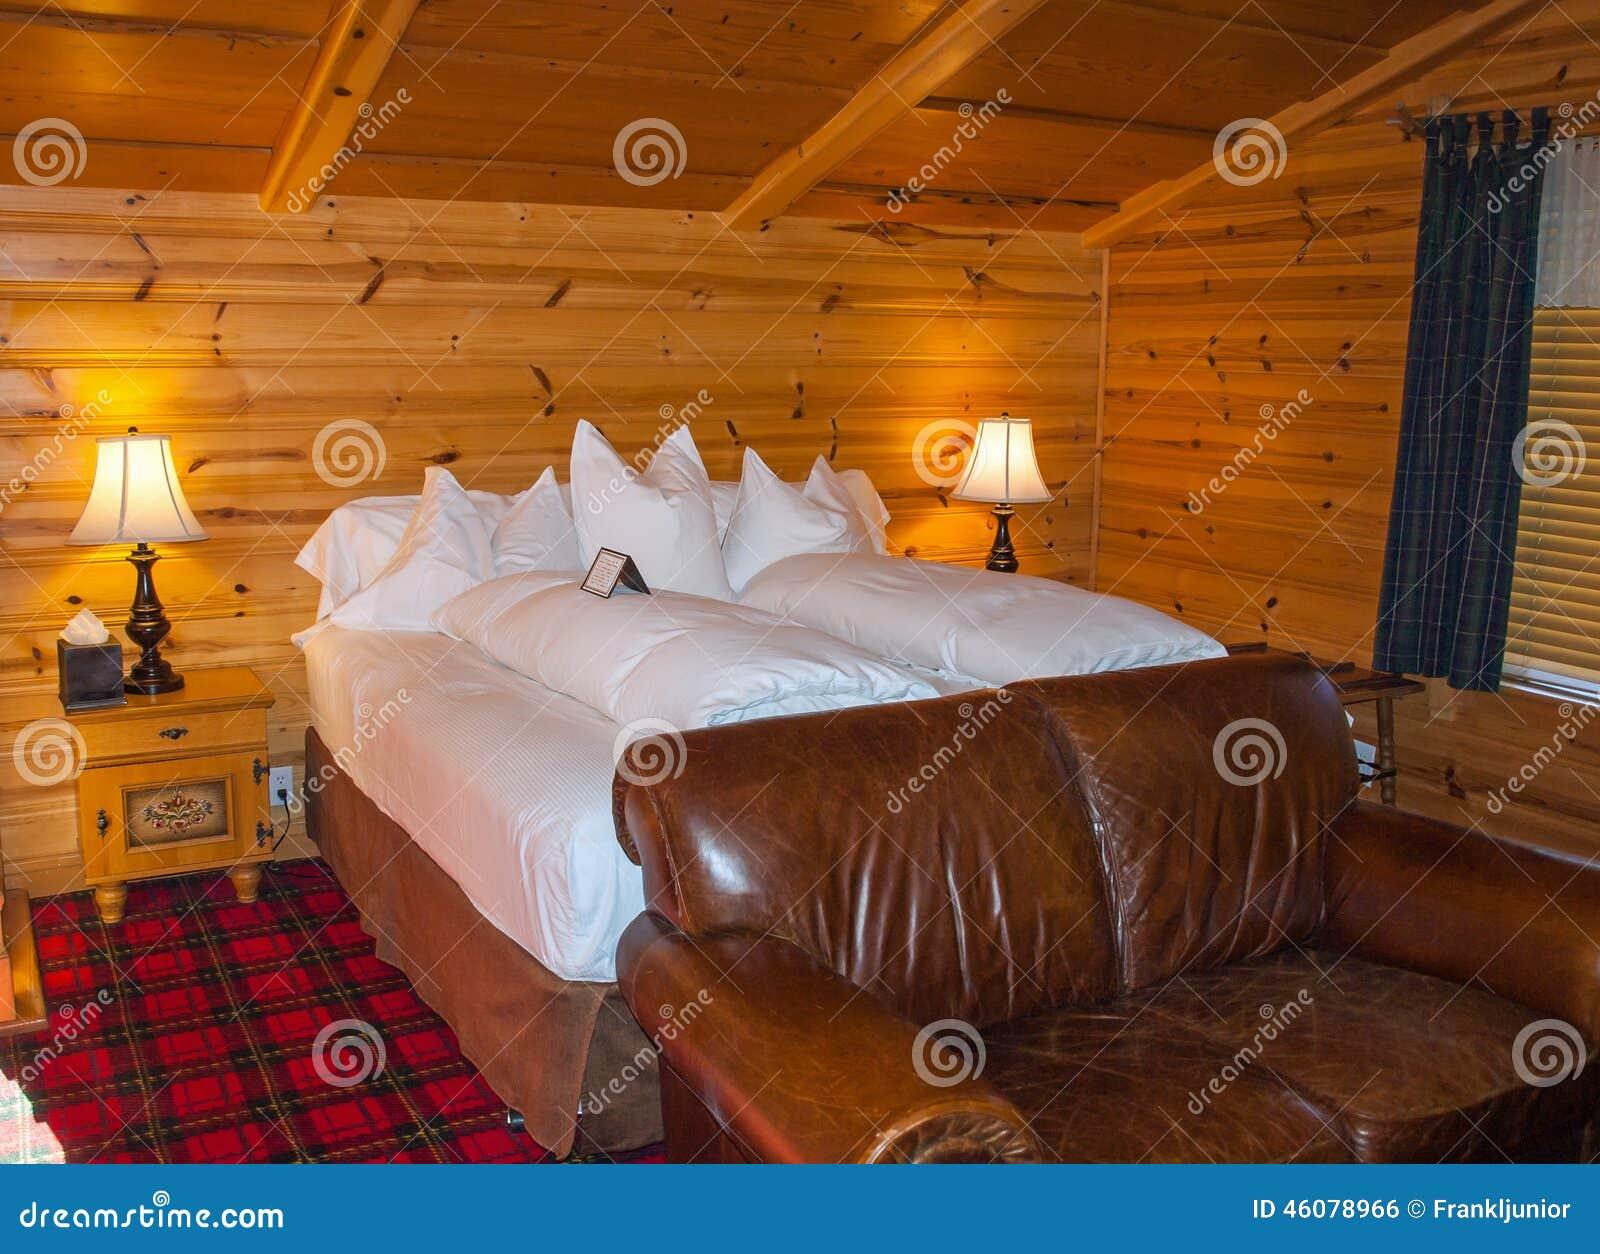 Rustikales Schlafzimmer stockfoto. Bild von frühstück - 46078966